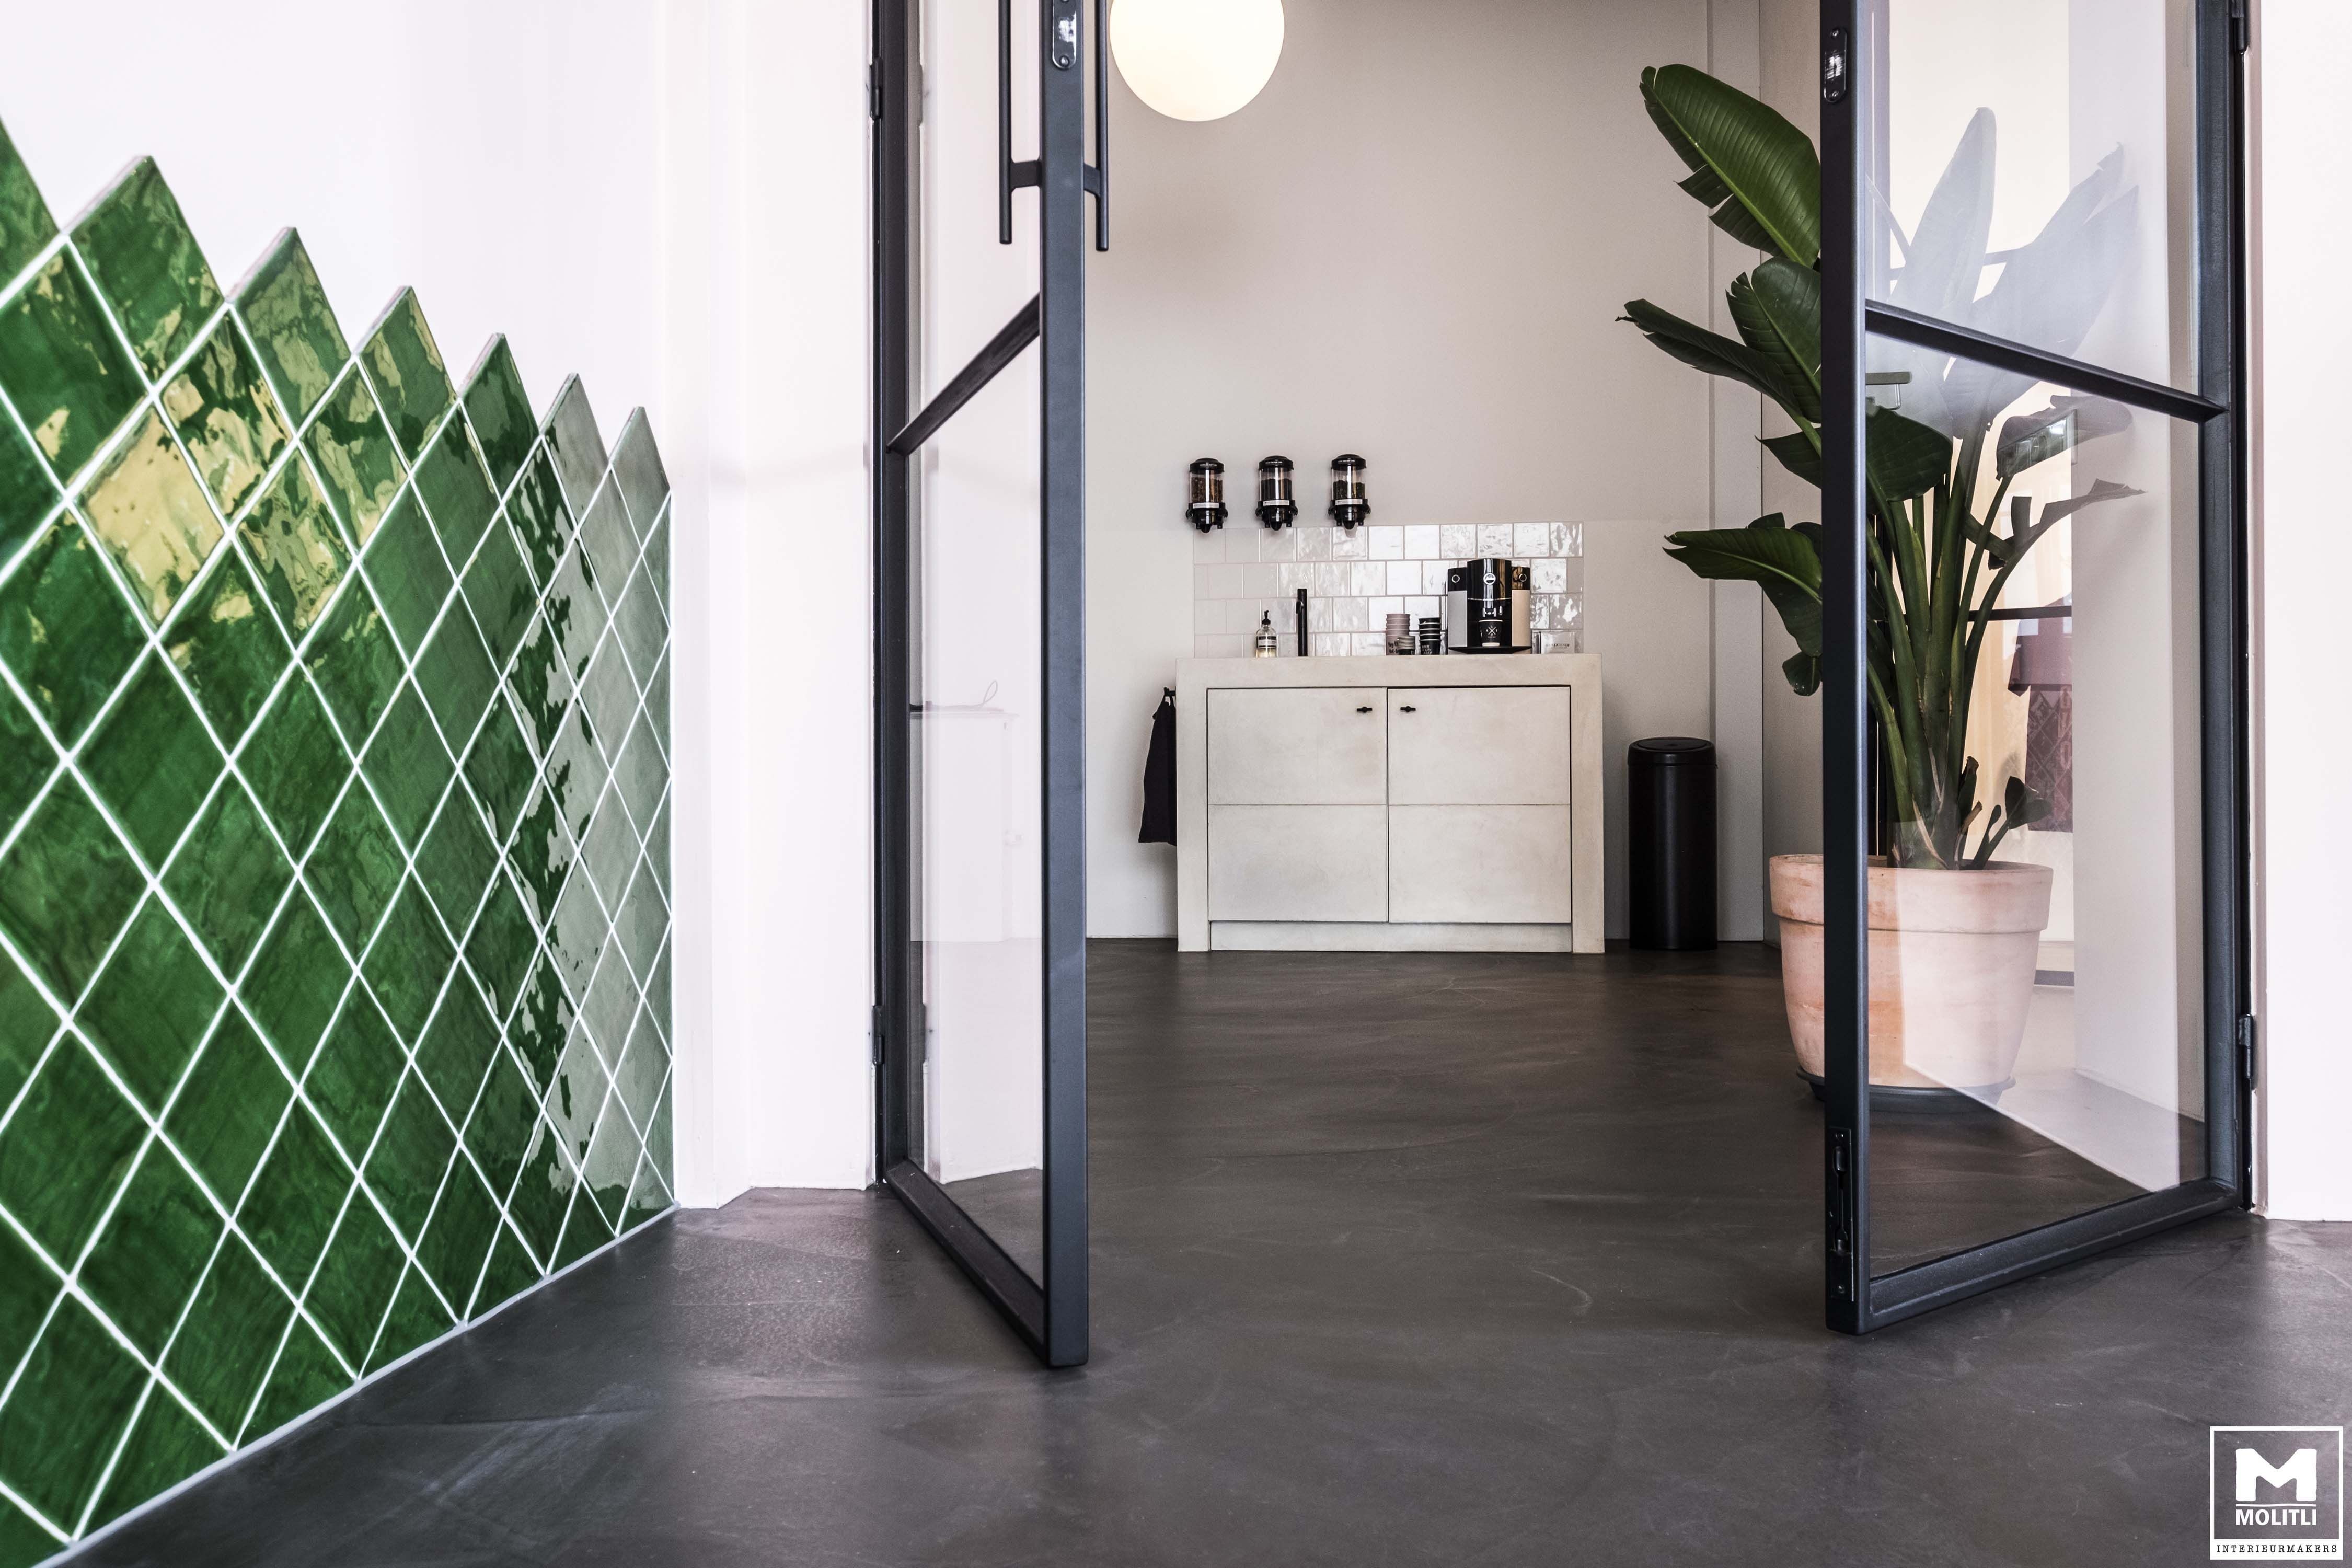 Nieuw vet project in amsterdam! #molitli #colors #office #gietvloer